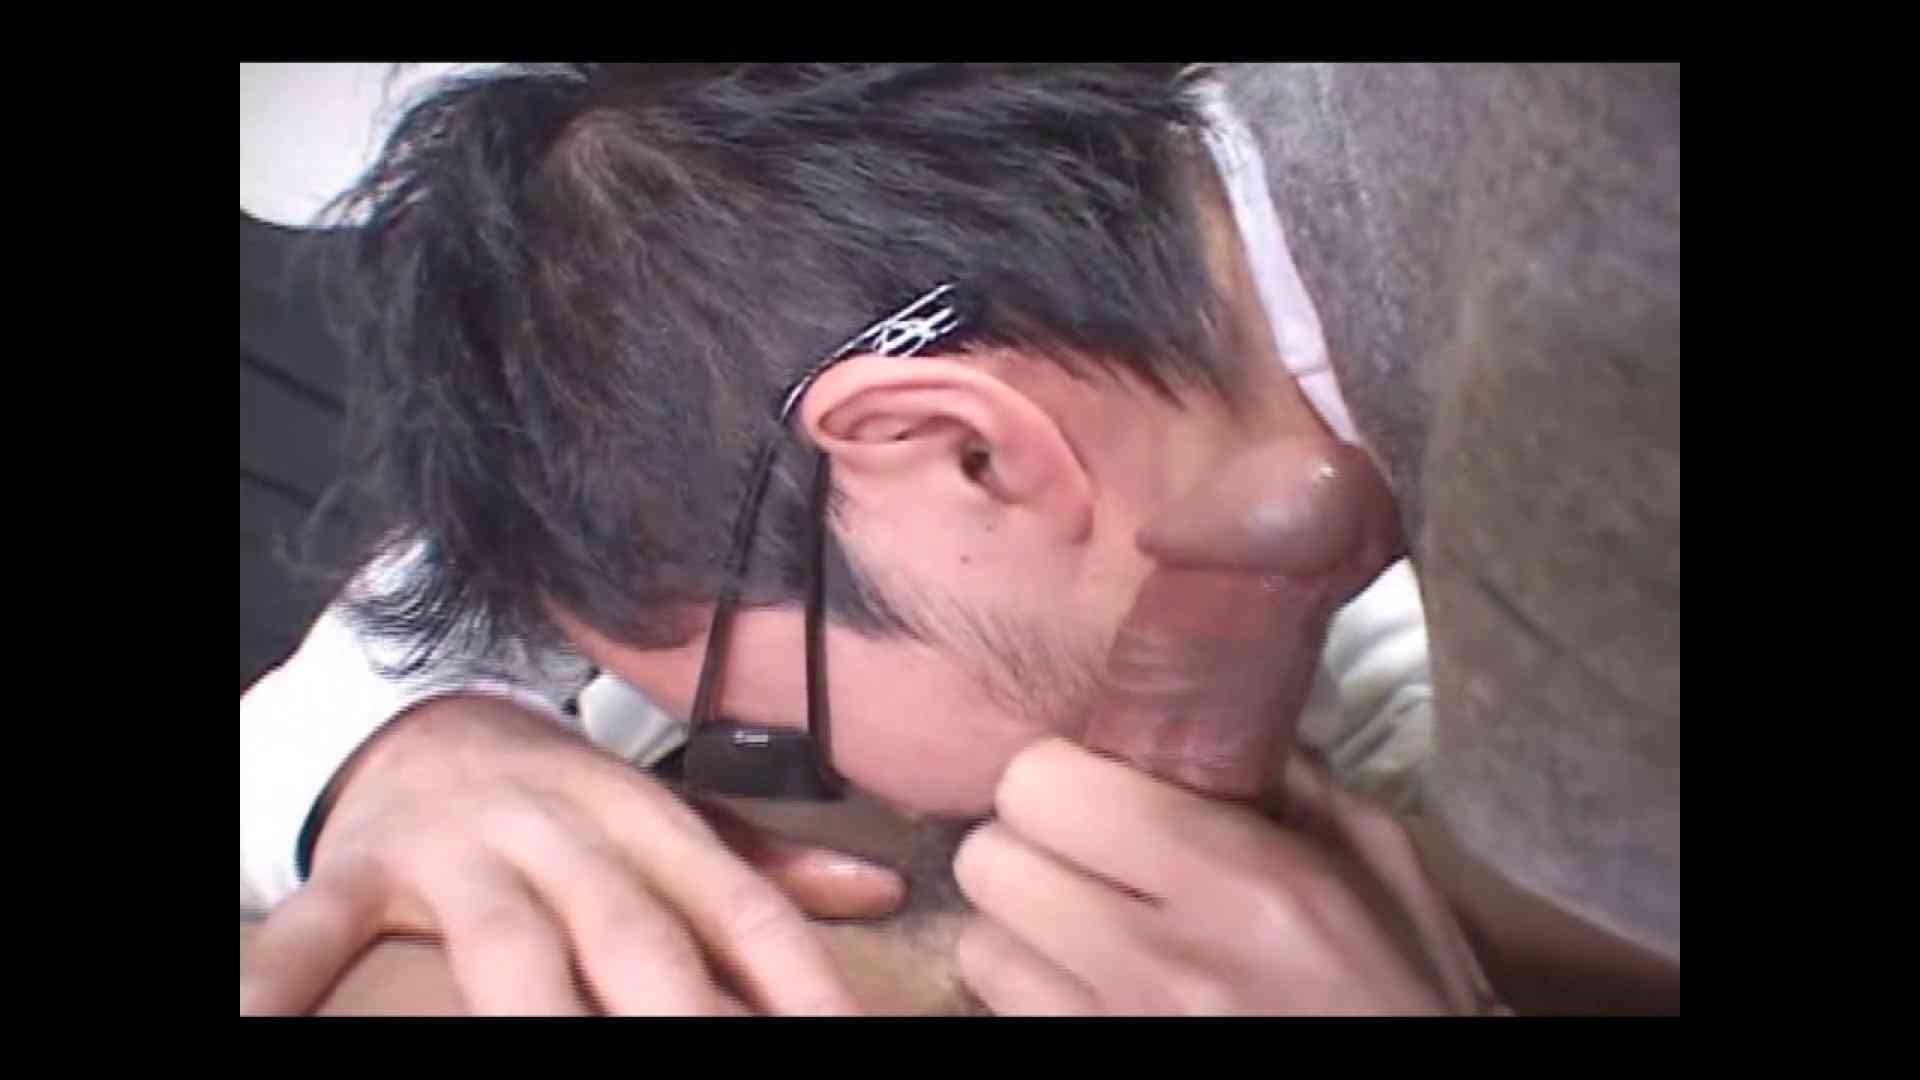 突然ですがしゃぶらせてください Vol.12 オナニー | 男・男 アダルトビデオ画像キャプチャ 64pic 56